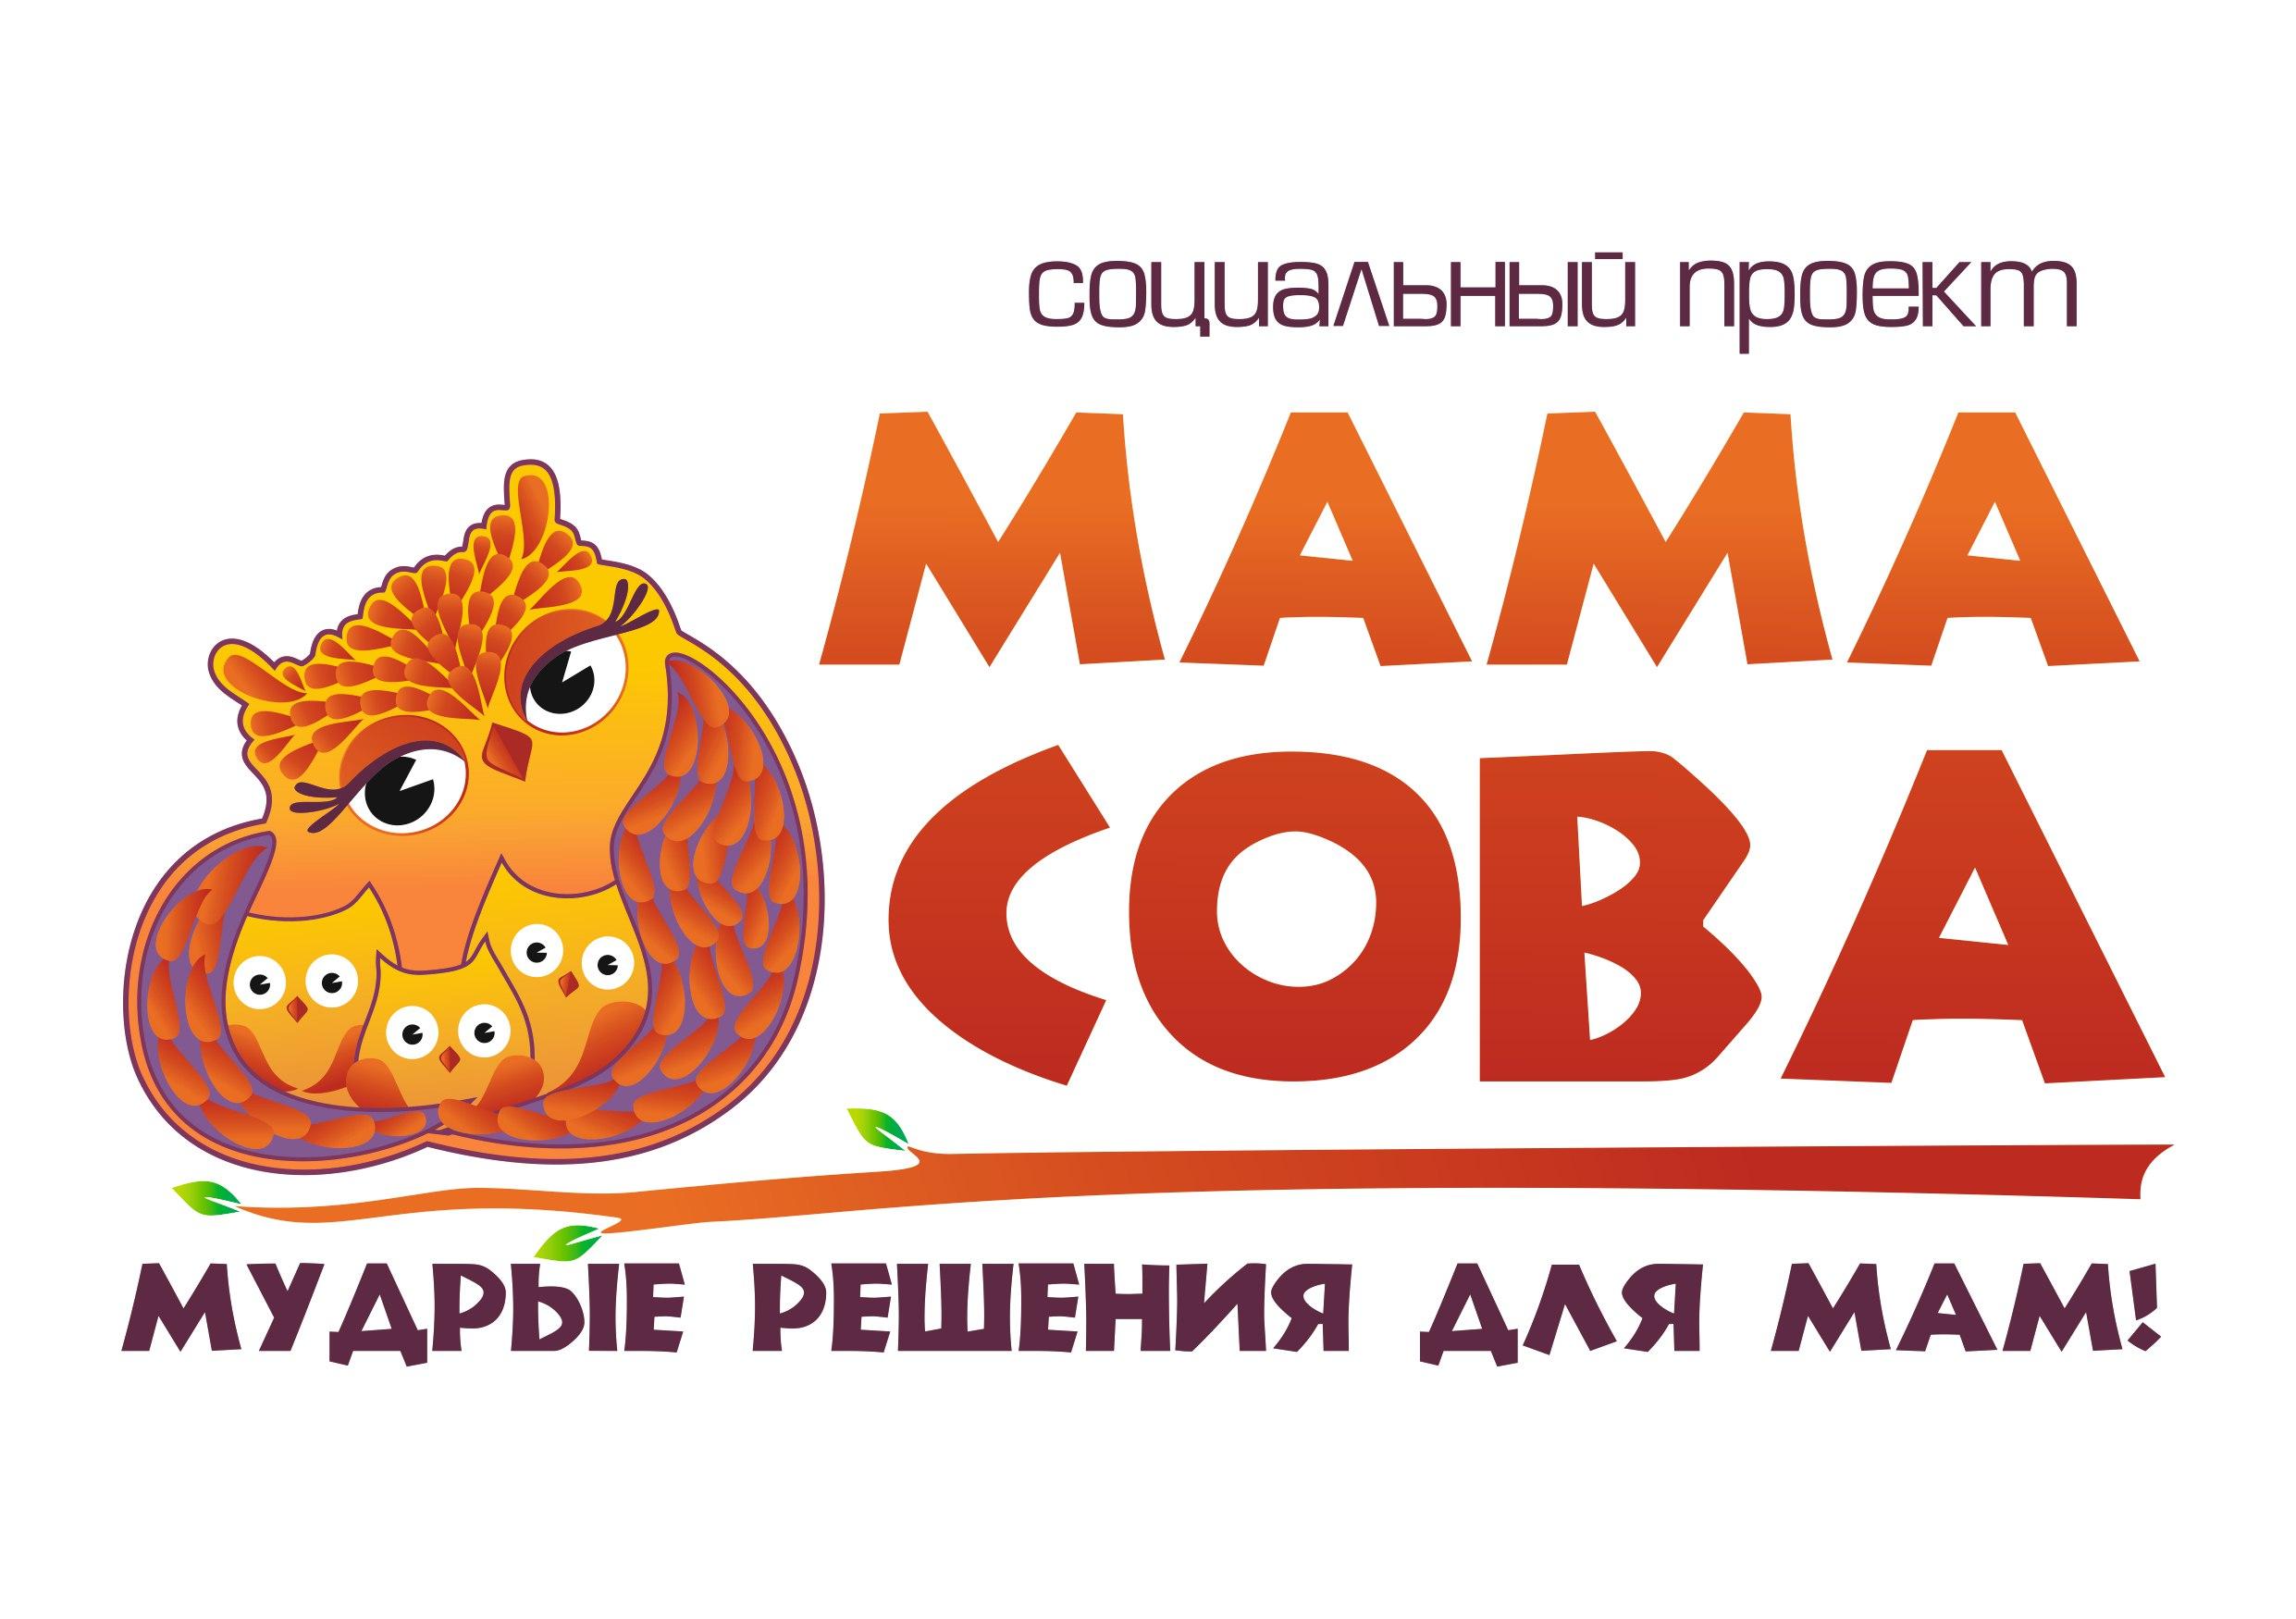 МАМА СОВА - мудрые решения для мам, логотип, социальный проект